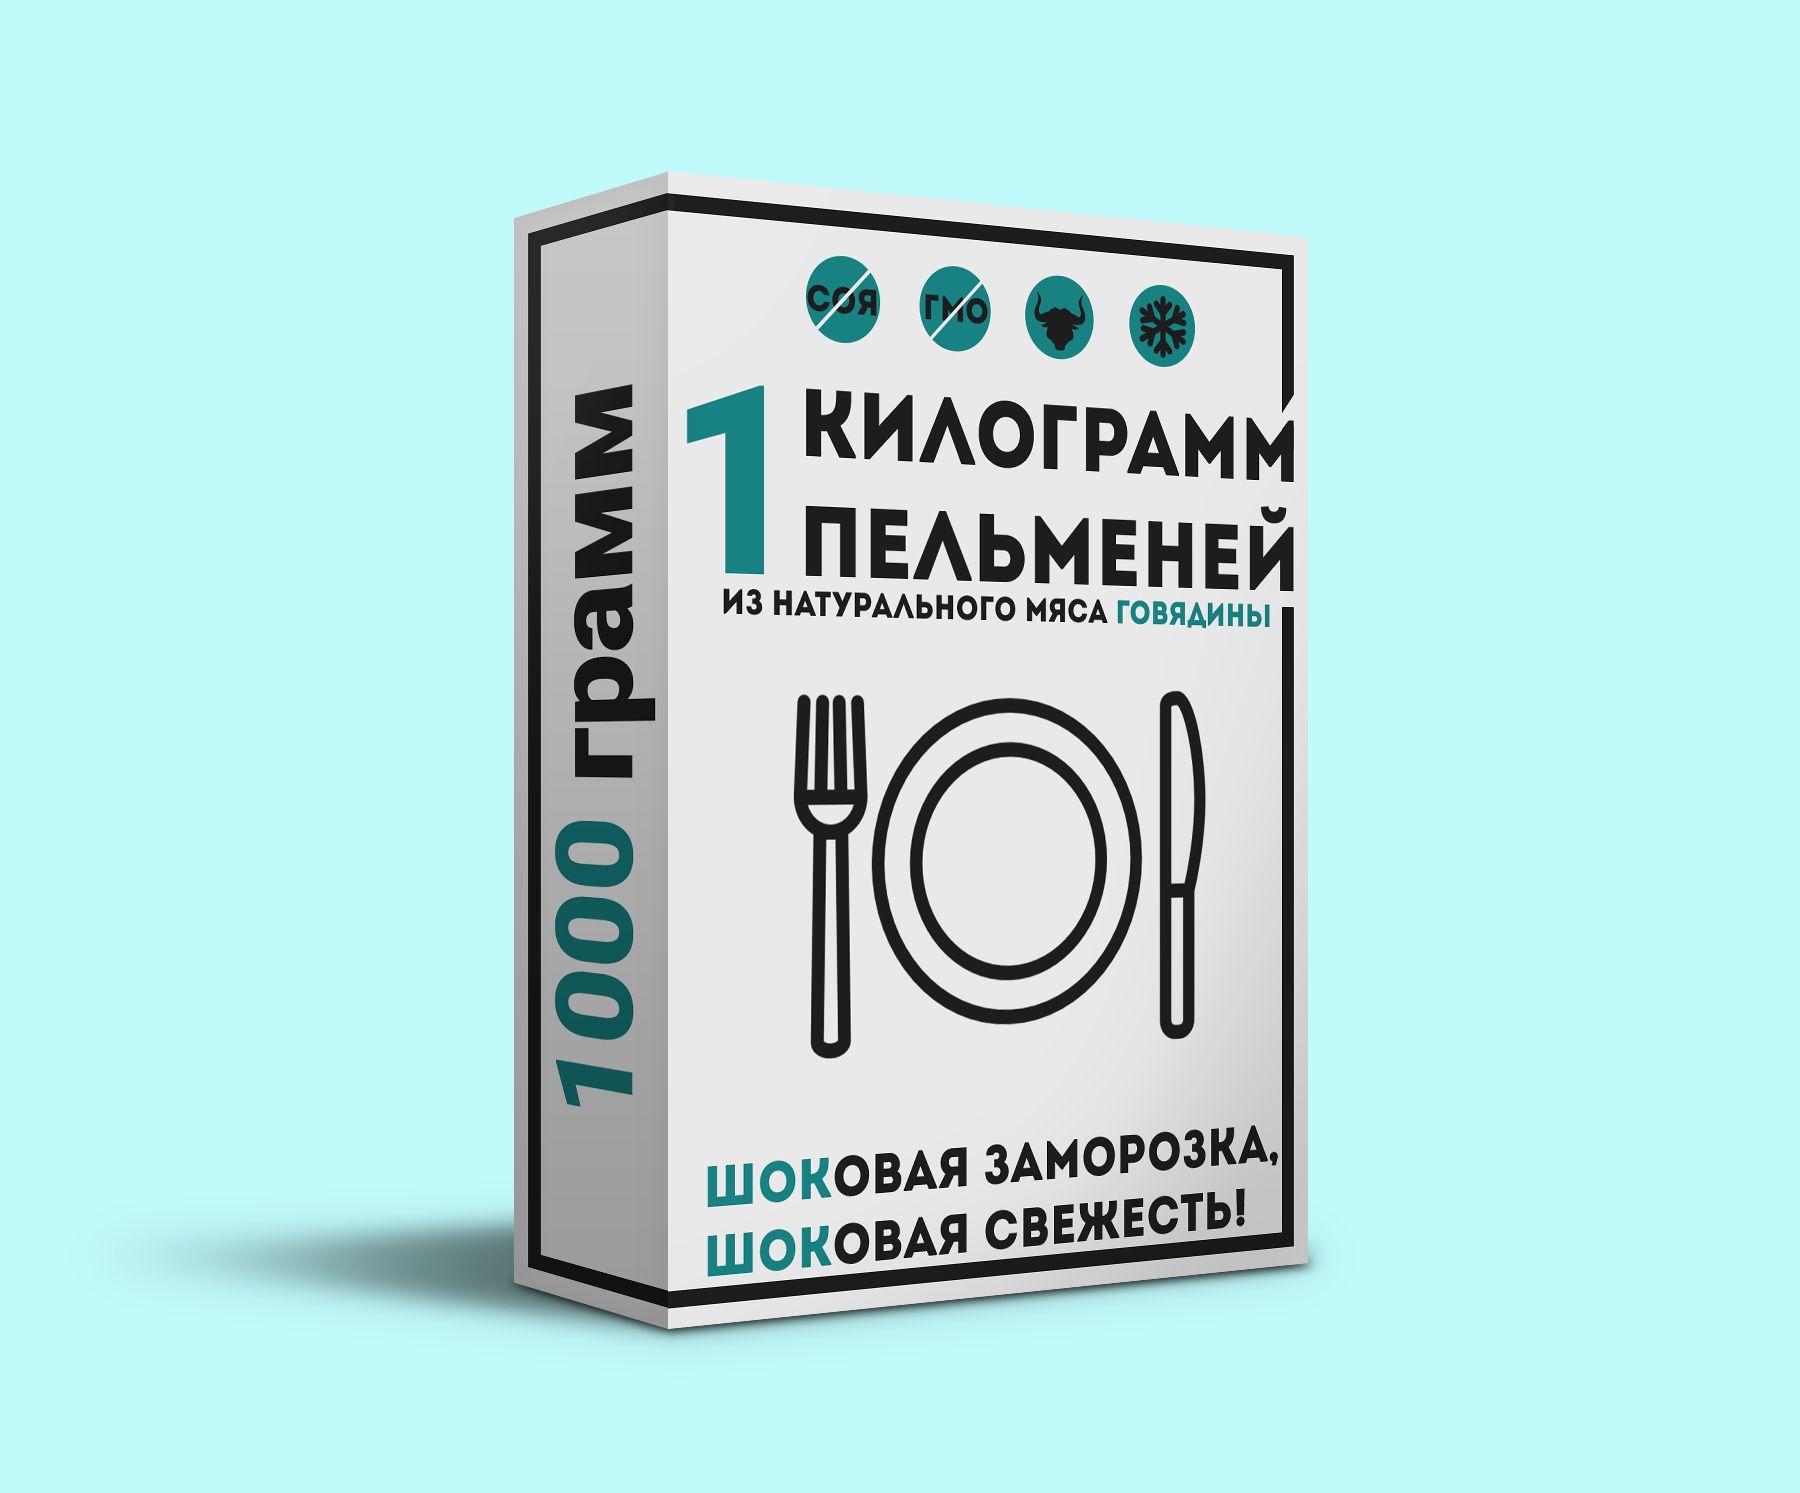 Пелемени - дизайнер shestpsov